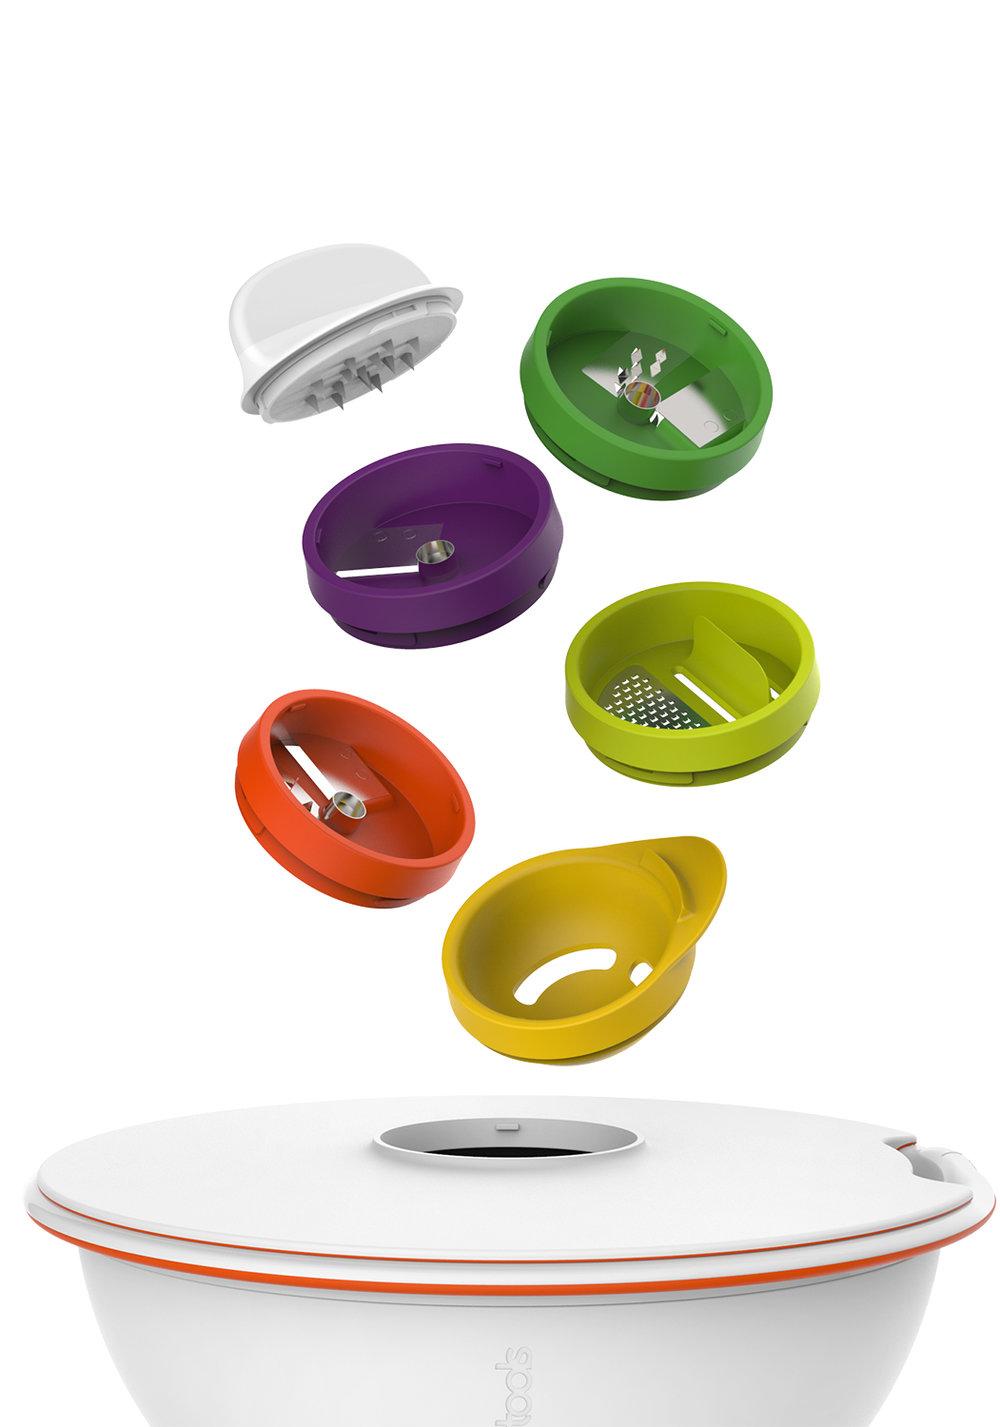 SPIRALIZER LID - L'accessoire indispensable du STRAINER BOWL. Couvercle ø 24 CM avec 3 tailles de lames de découpe spiralizer (spaghetti, fettucini et ruban), un zester et un egg separator.500344 Spiralizer lid